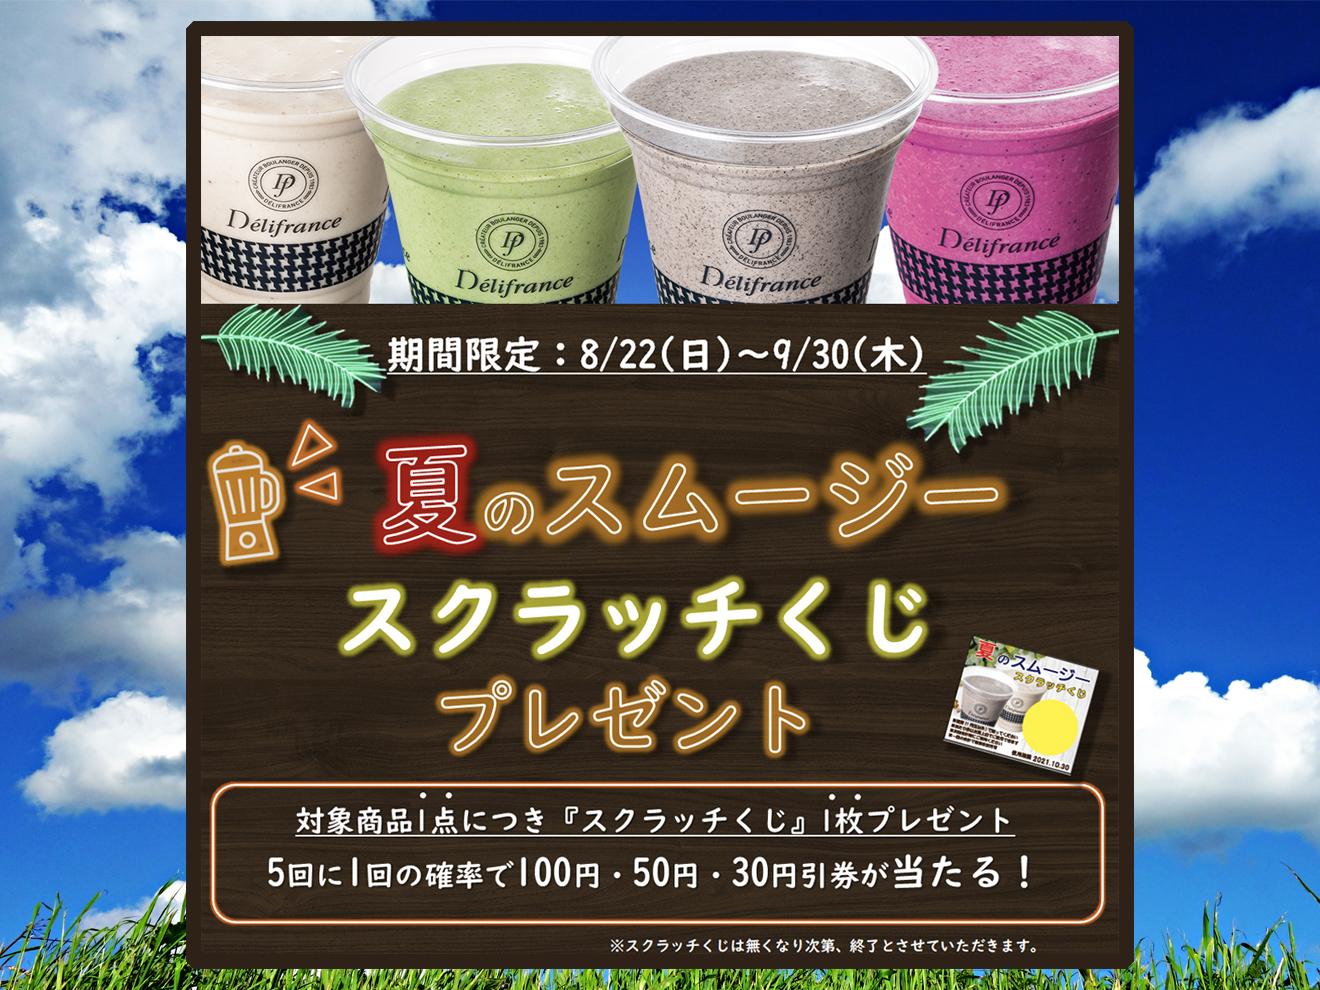 【夏のスムージースクラッチくじ】8/22(日)スタート!